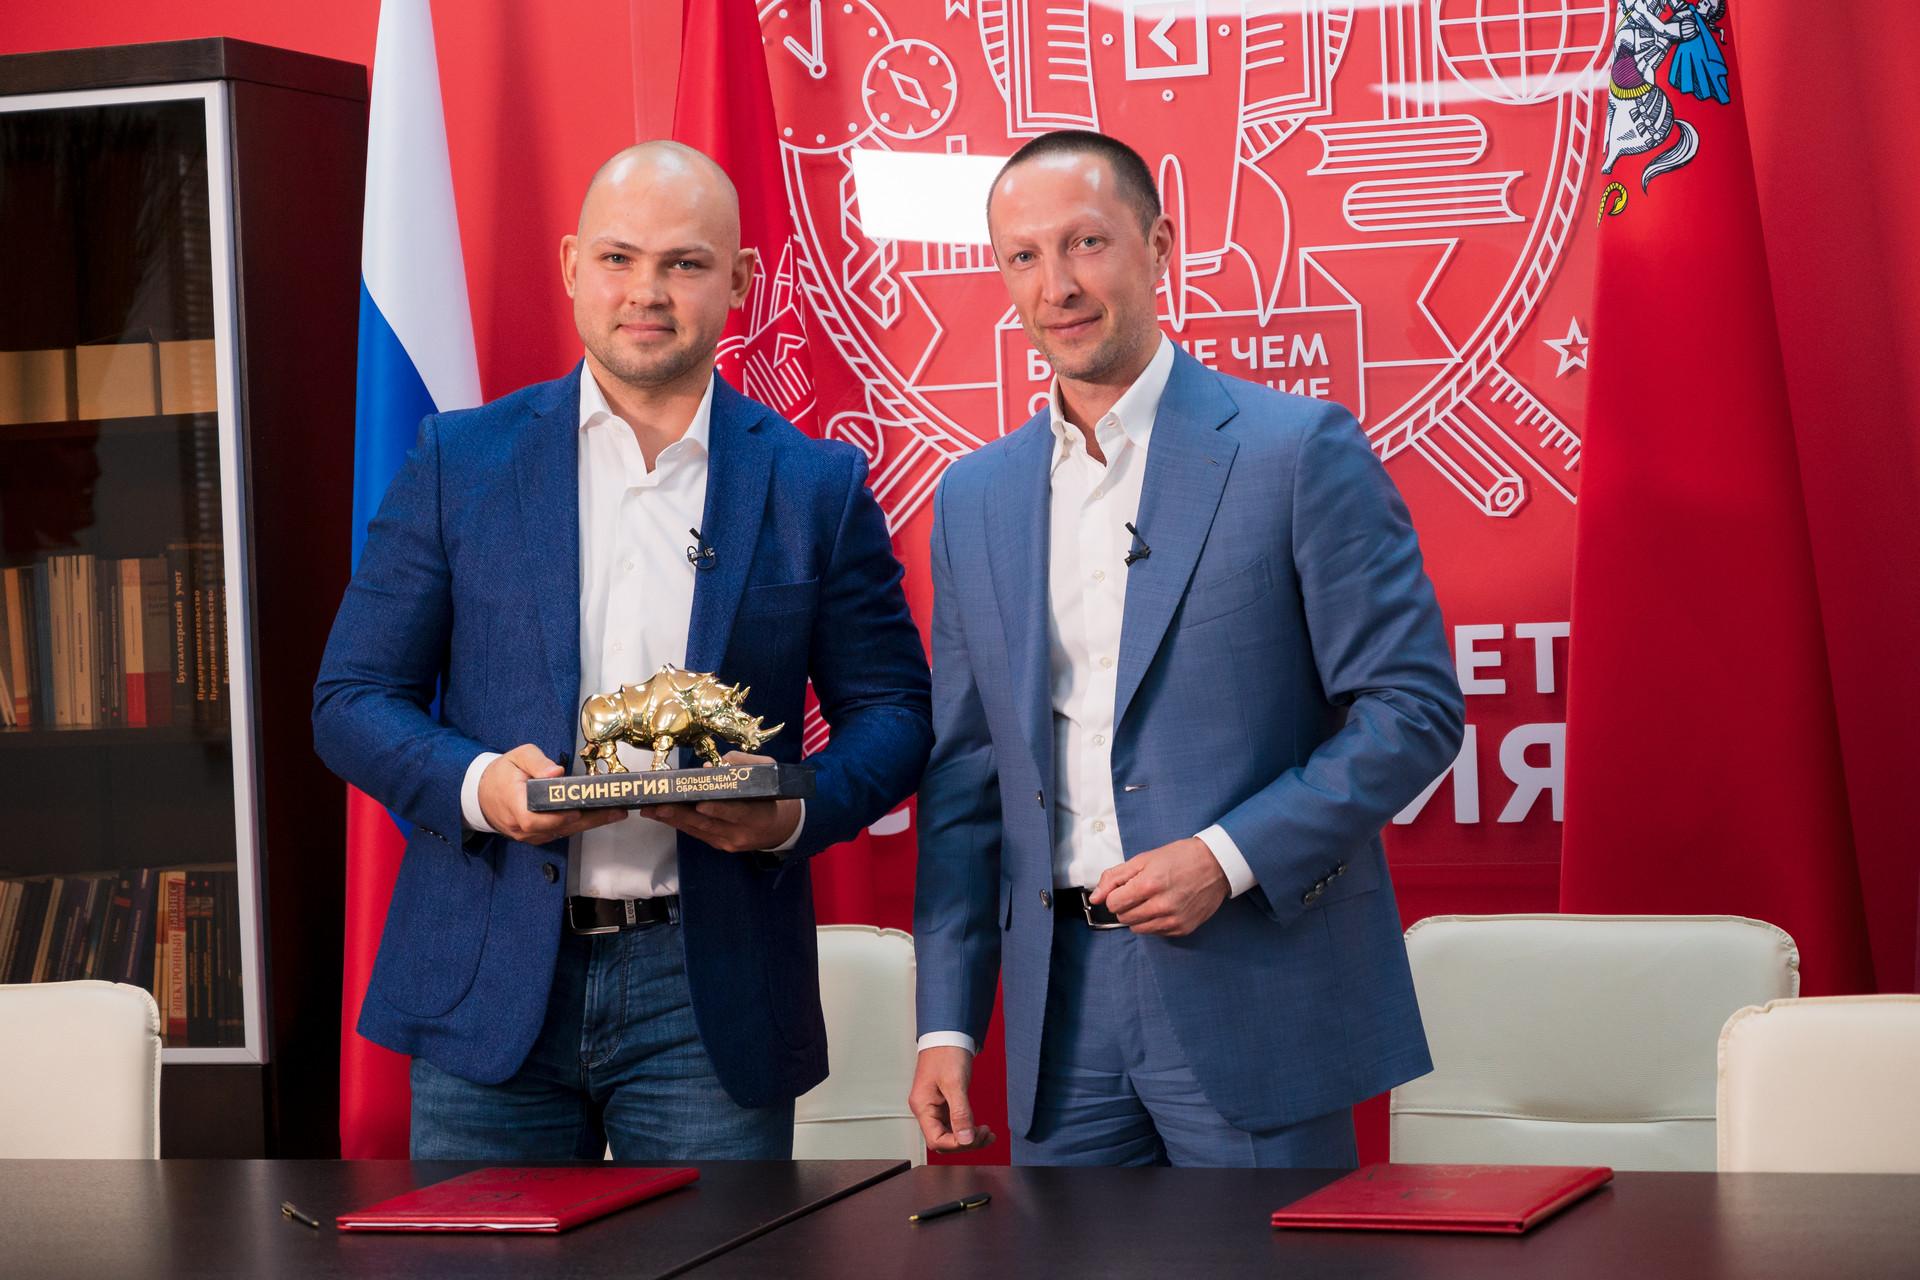 Радмир Габдуллин (слева) и Вадим Лобов (справа) подписали соглашение о сотрудничестве между Корпорацией «Синергия» и Союзом MMA России